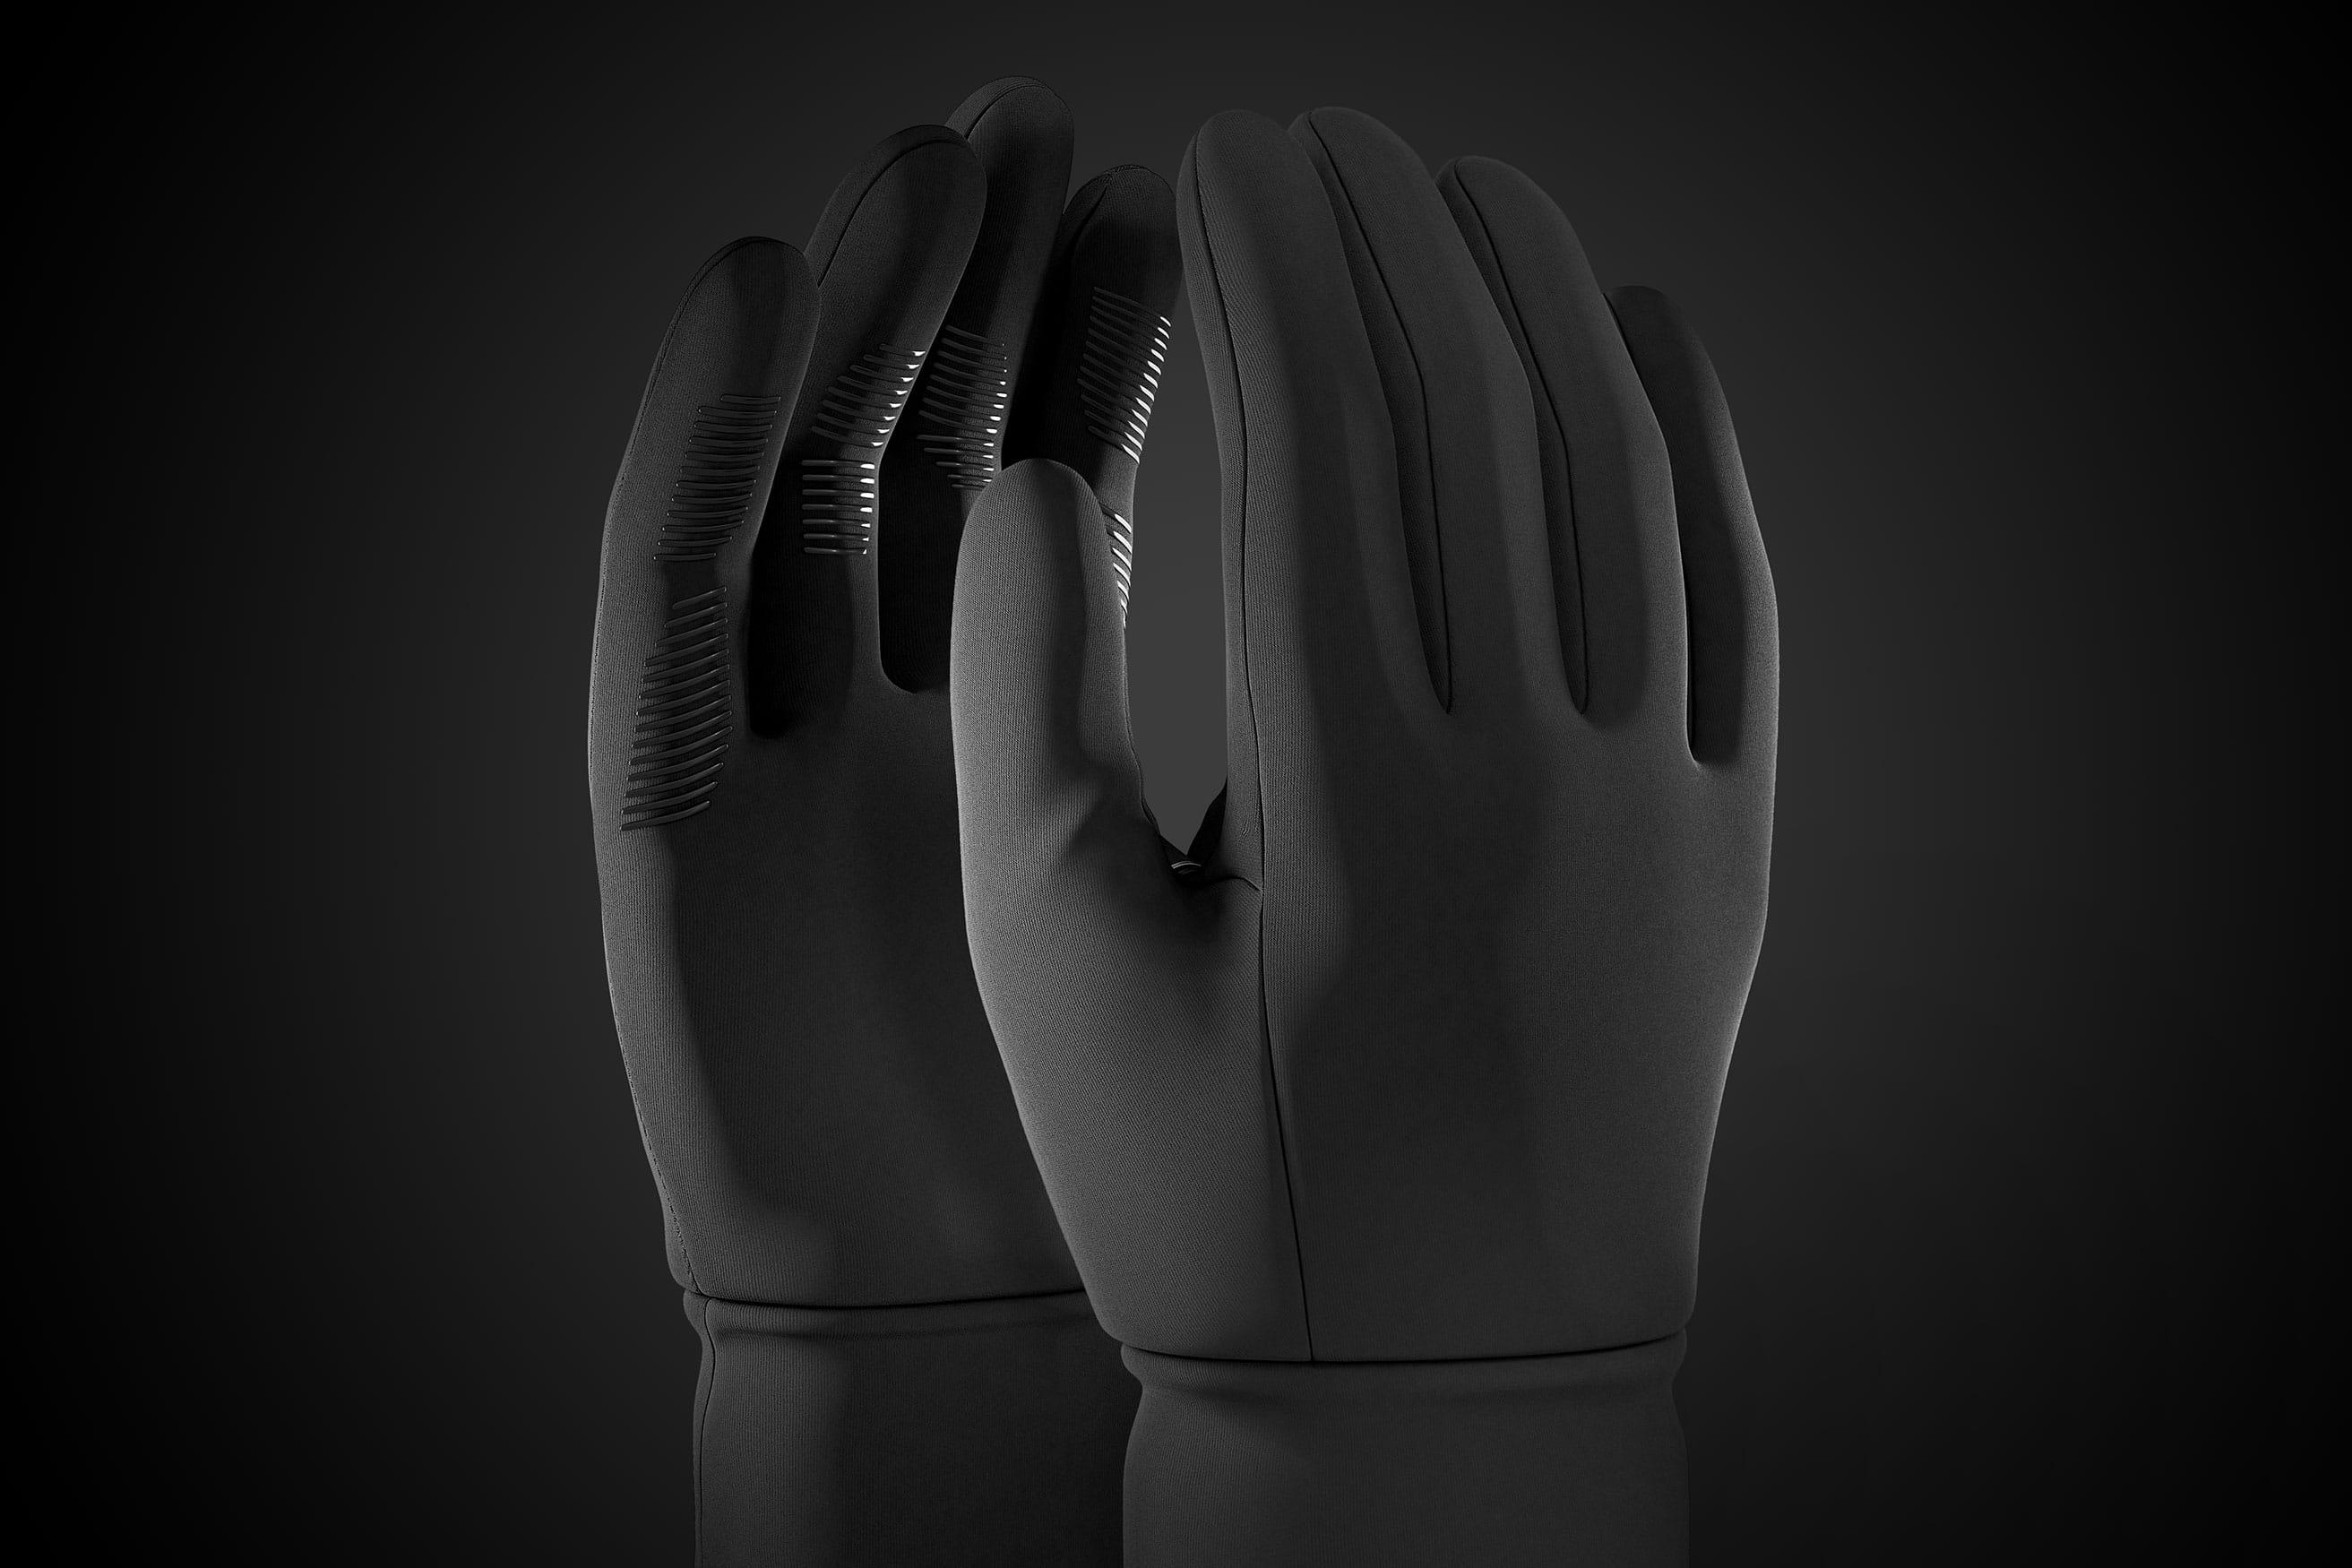 Mujjo Touchscreen gloves design